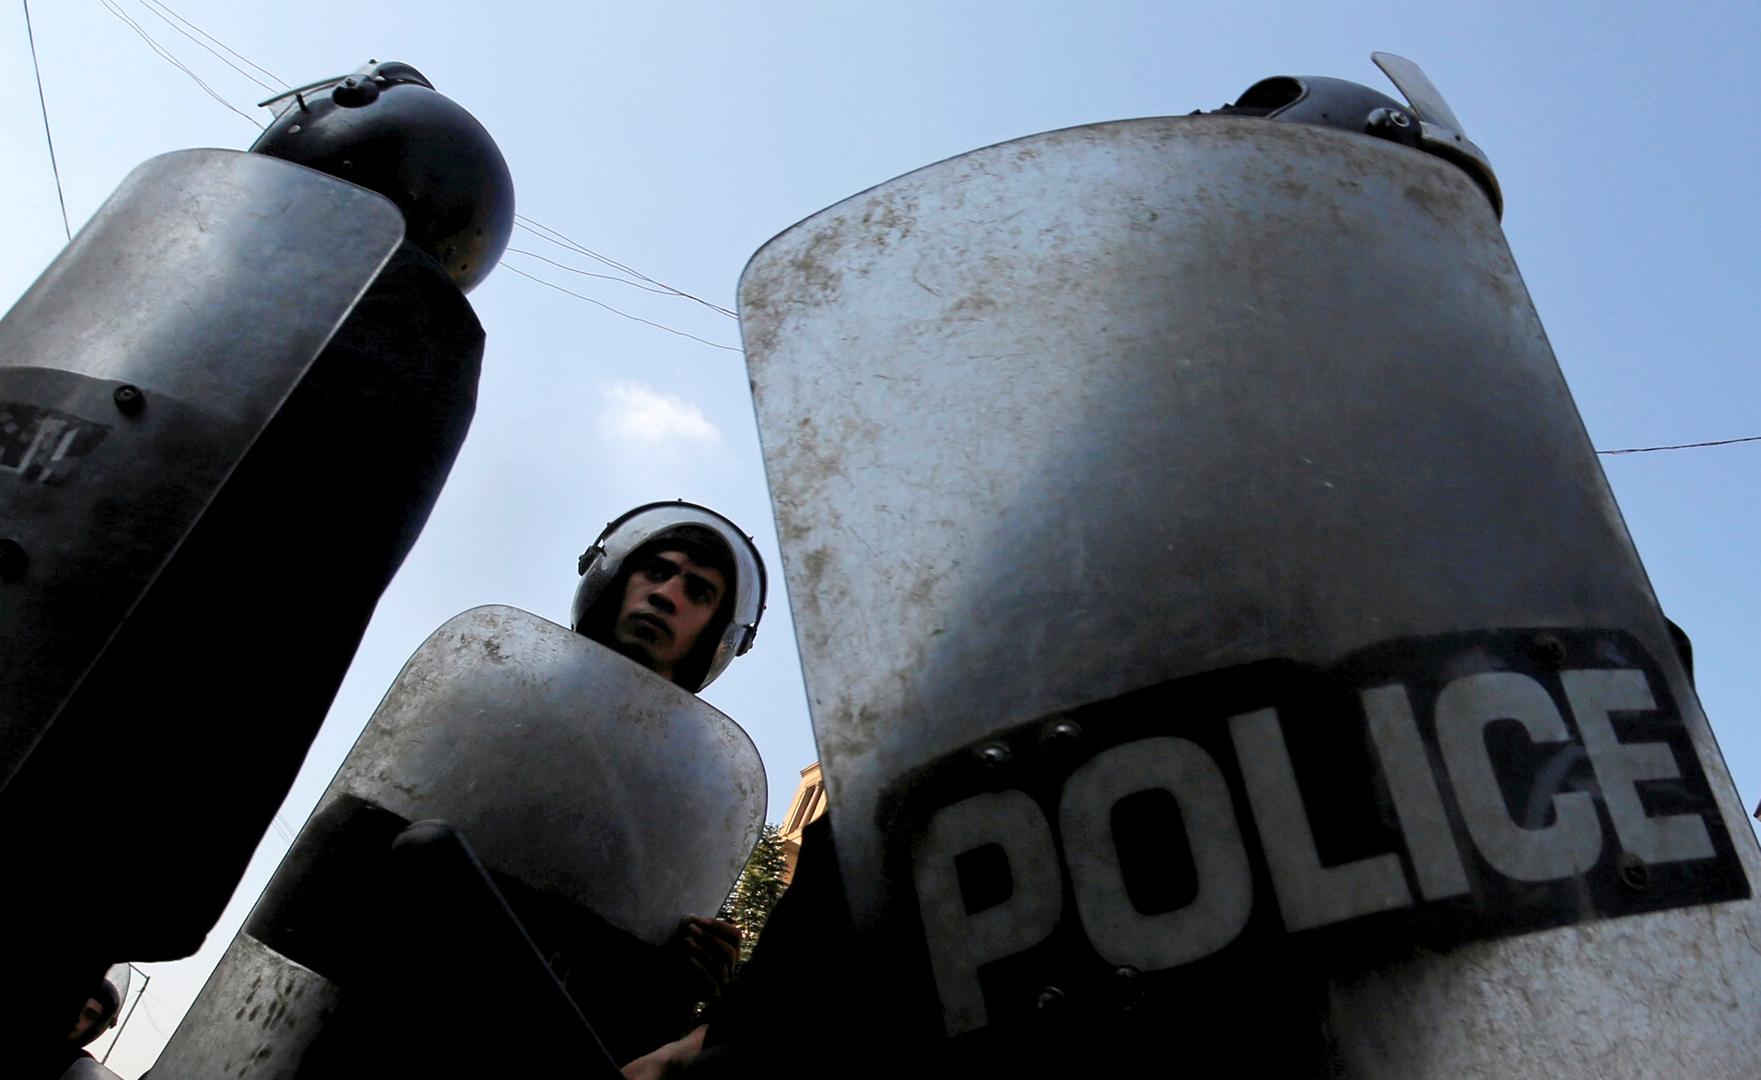 مصر.. القبض على عضوين من جماعة الإخوان المسلمين بسبب كورونا -